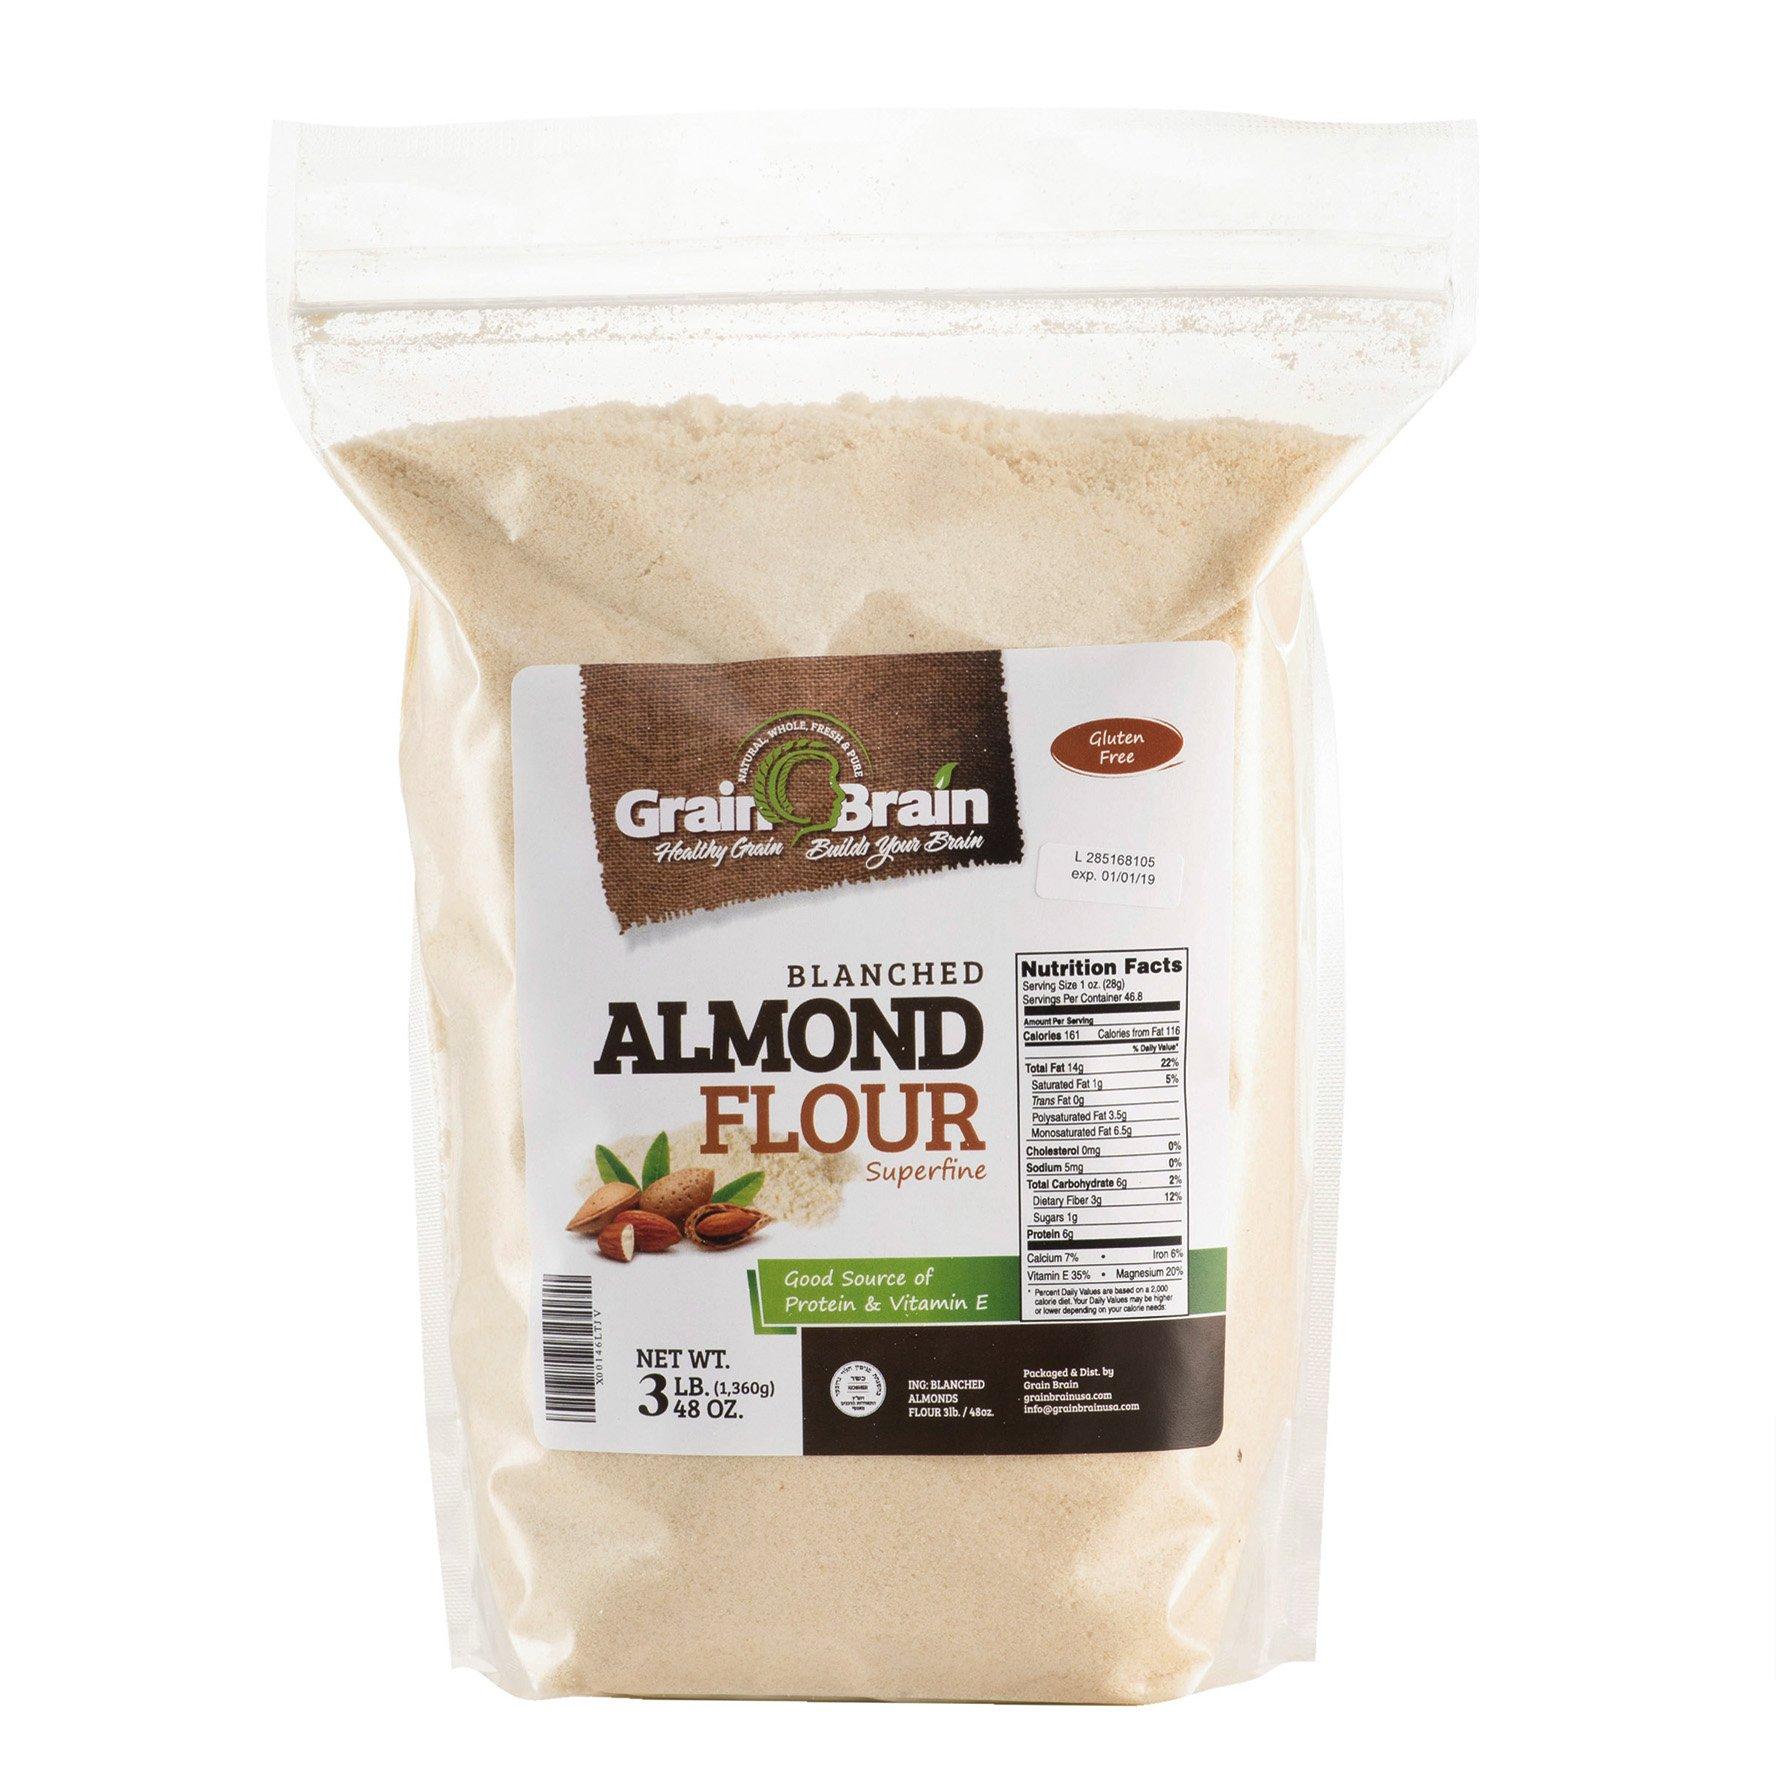 GRAIN BRAIN Blanched Almond Flour/Meal, Gluten Free, Non-GMO, Super Fine Grind, 3lb.